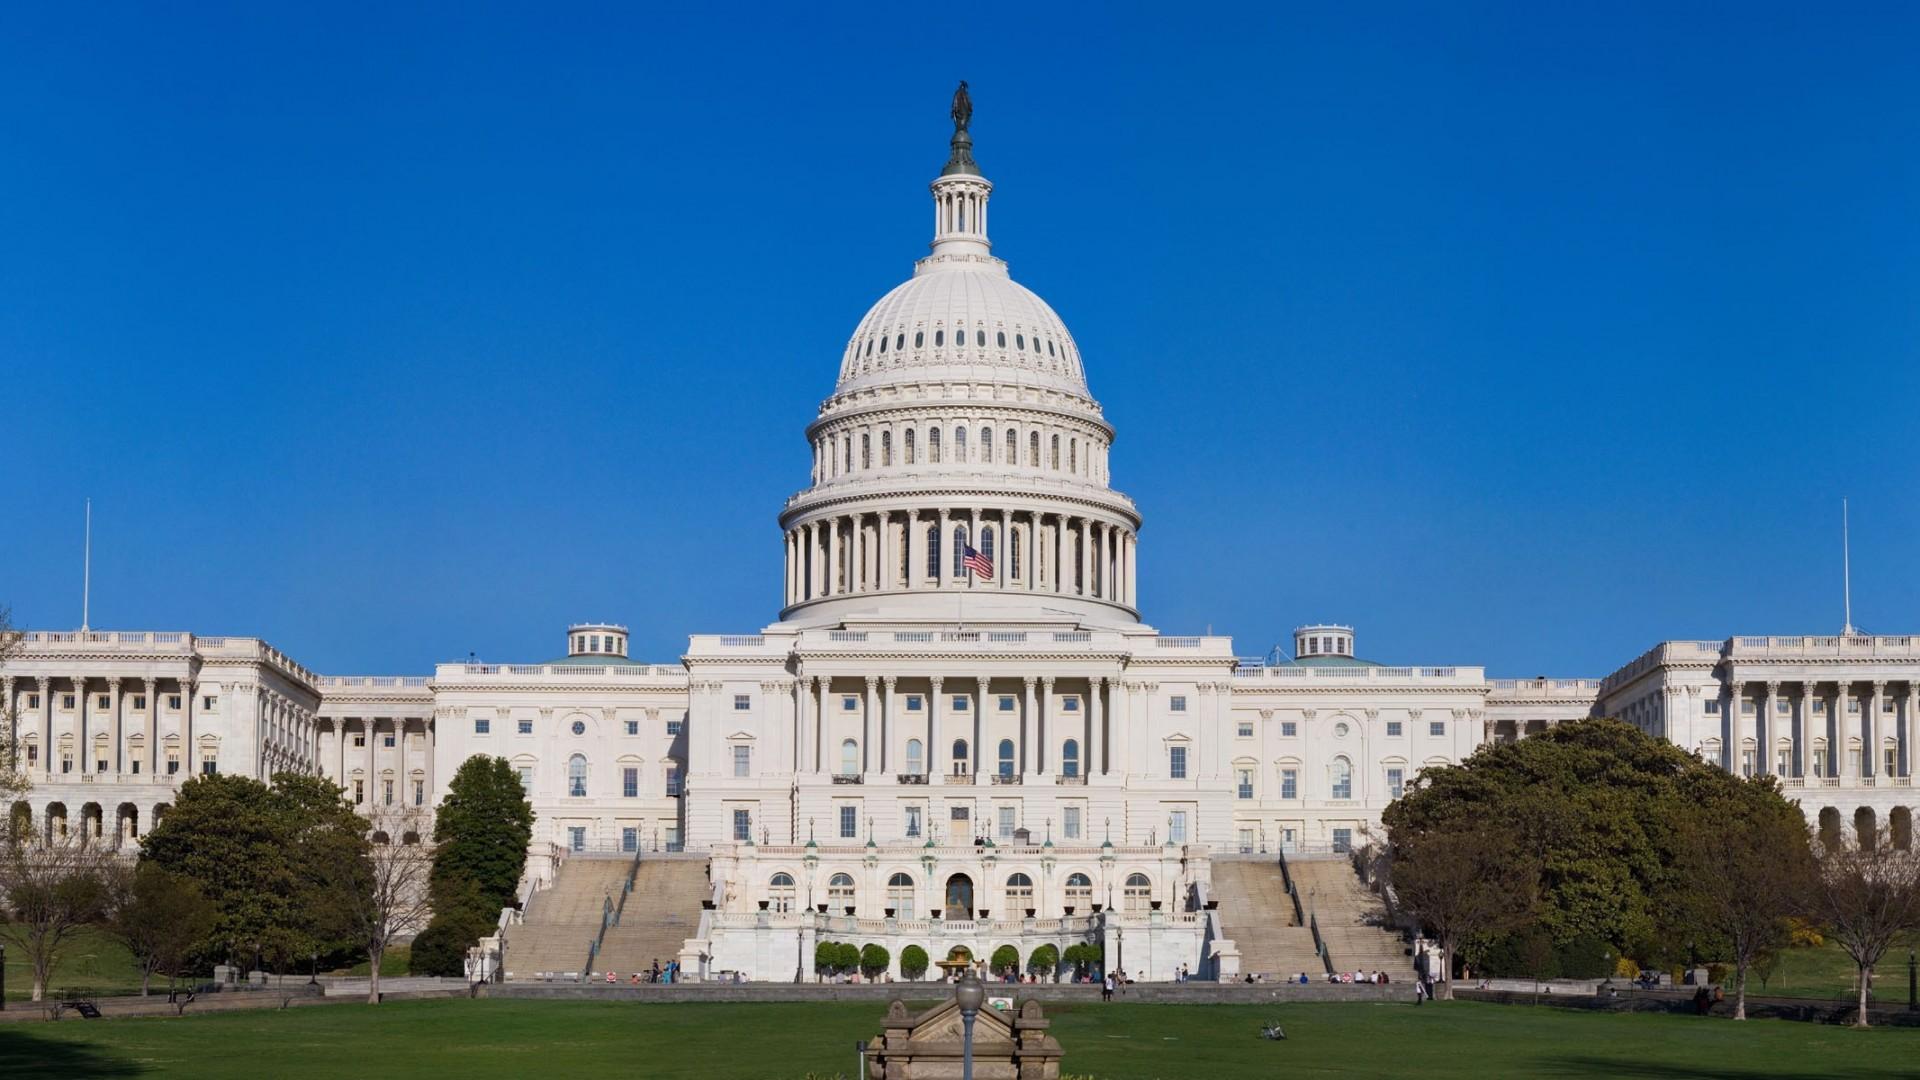 United States Capitol HD Wallpaper 1920x1080 ID55376 1920x1080